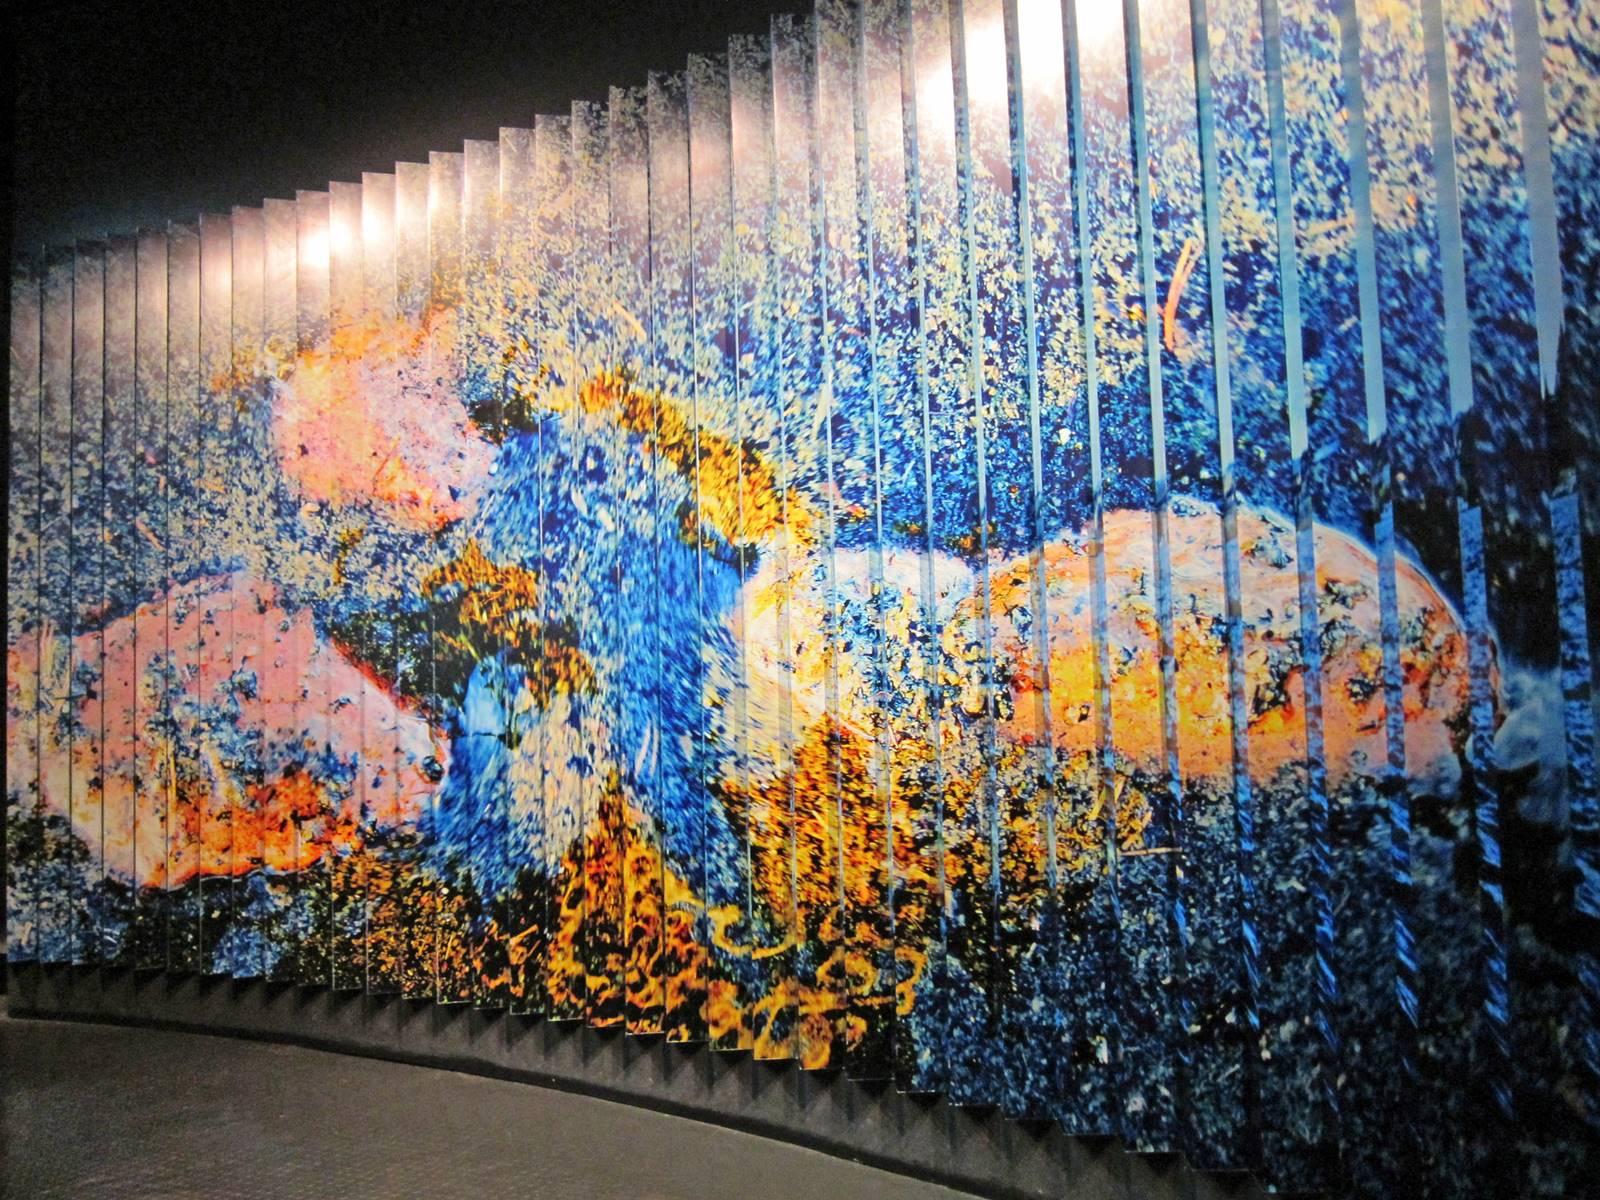 Expo Shanghai 2010 (5)